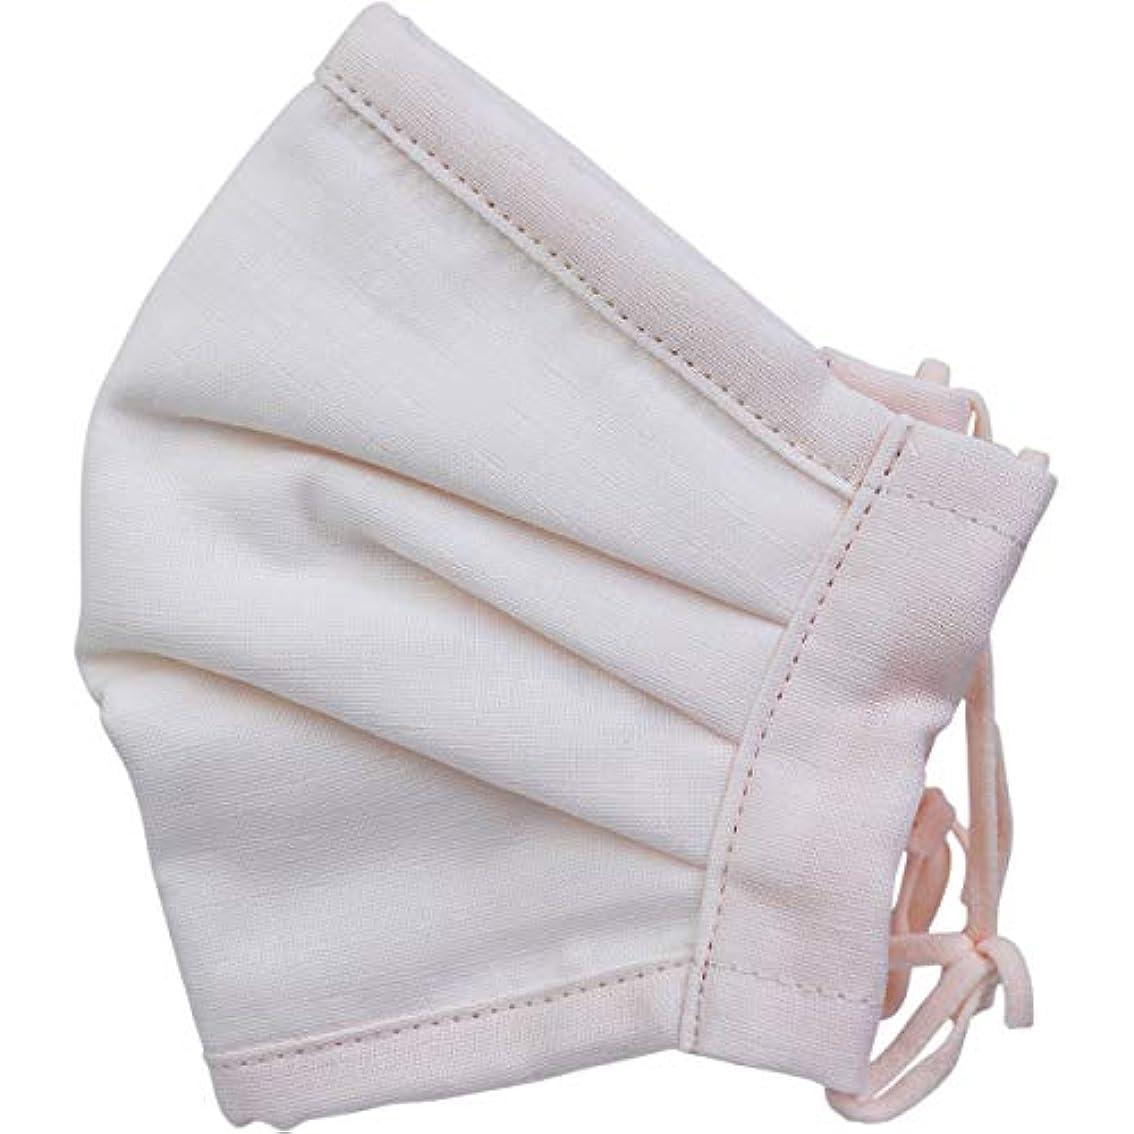 気質降下避難するさらふわマスクダイヤドビー 敏感肌用 ライトピンク 少し大きめサイズ 1枚入×5個セット